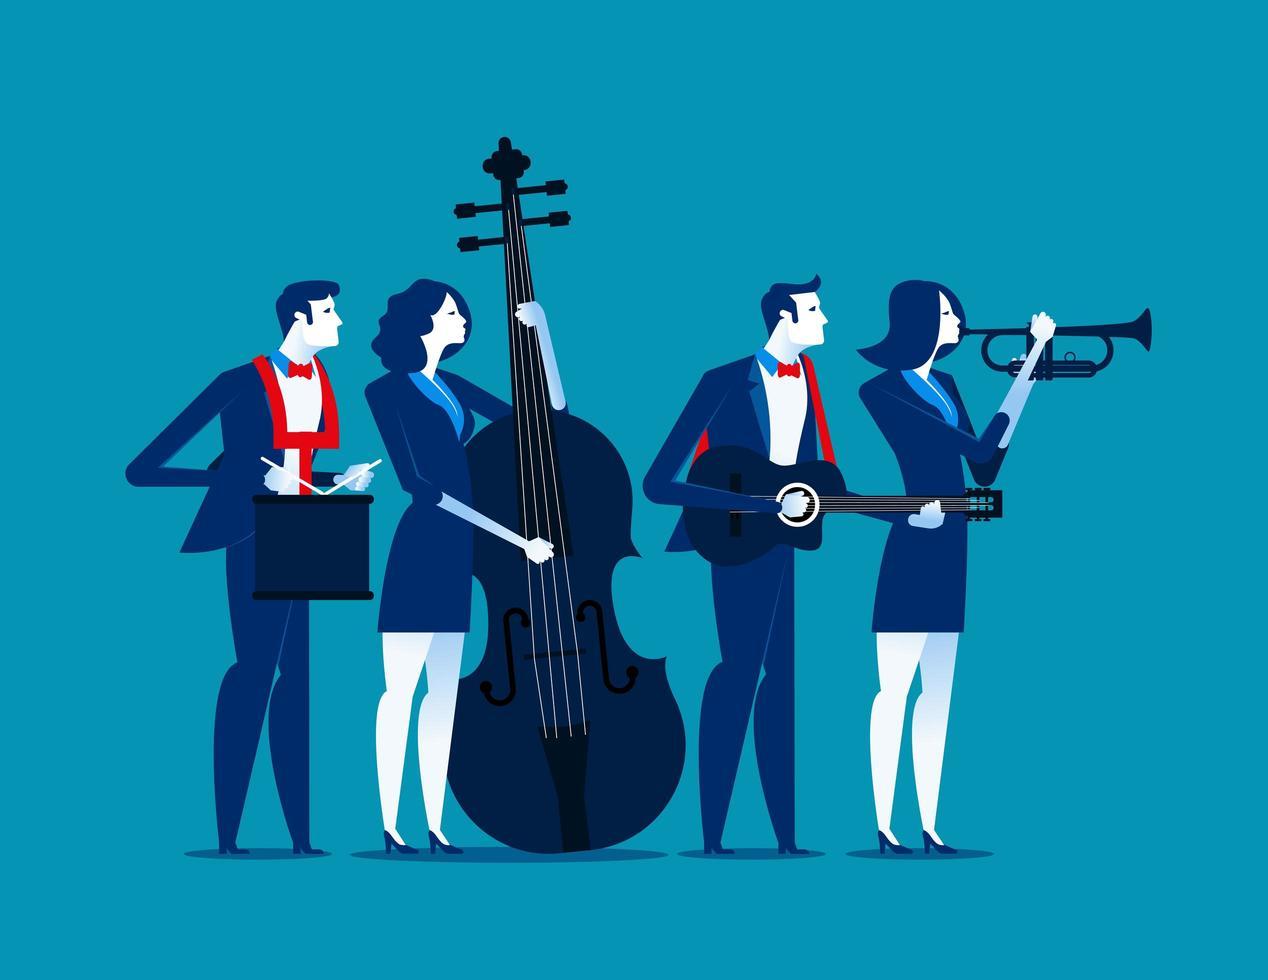 equipe de negócios tocando instrumentos vetor